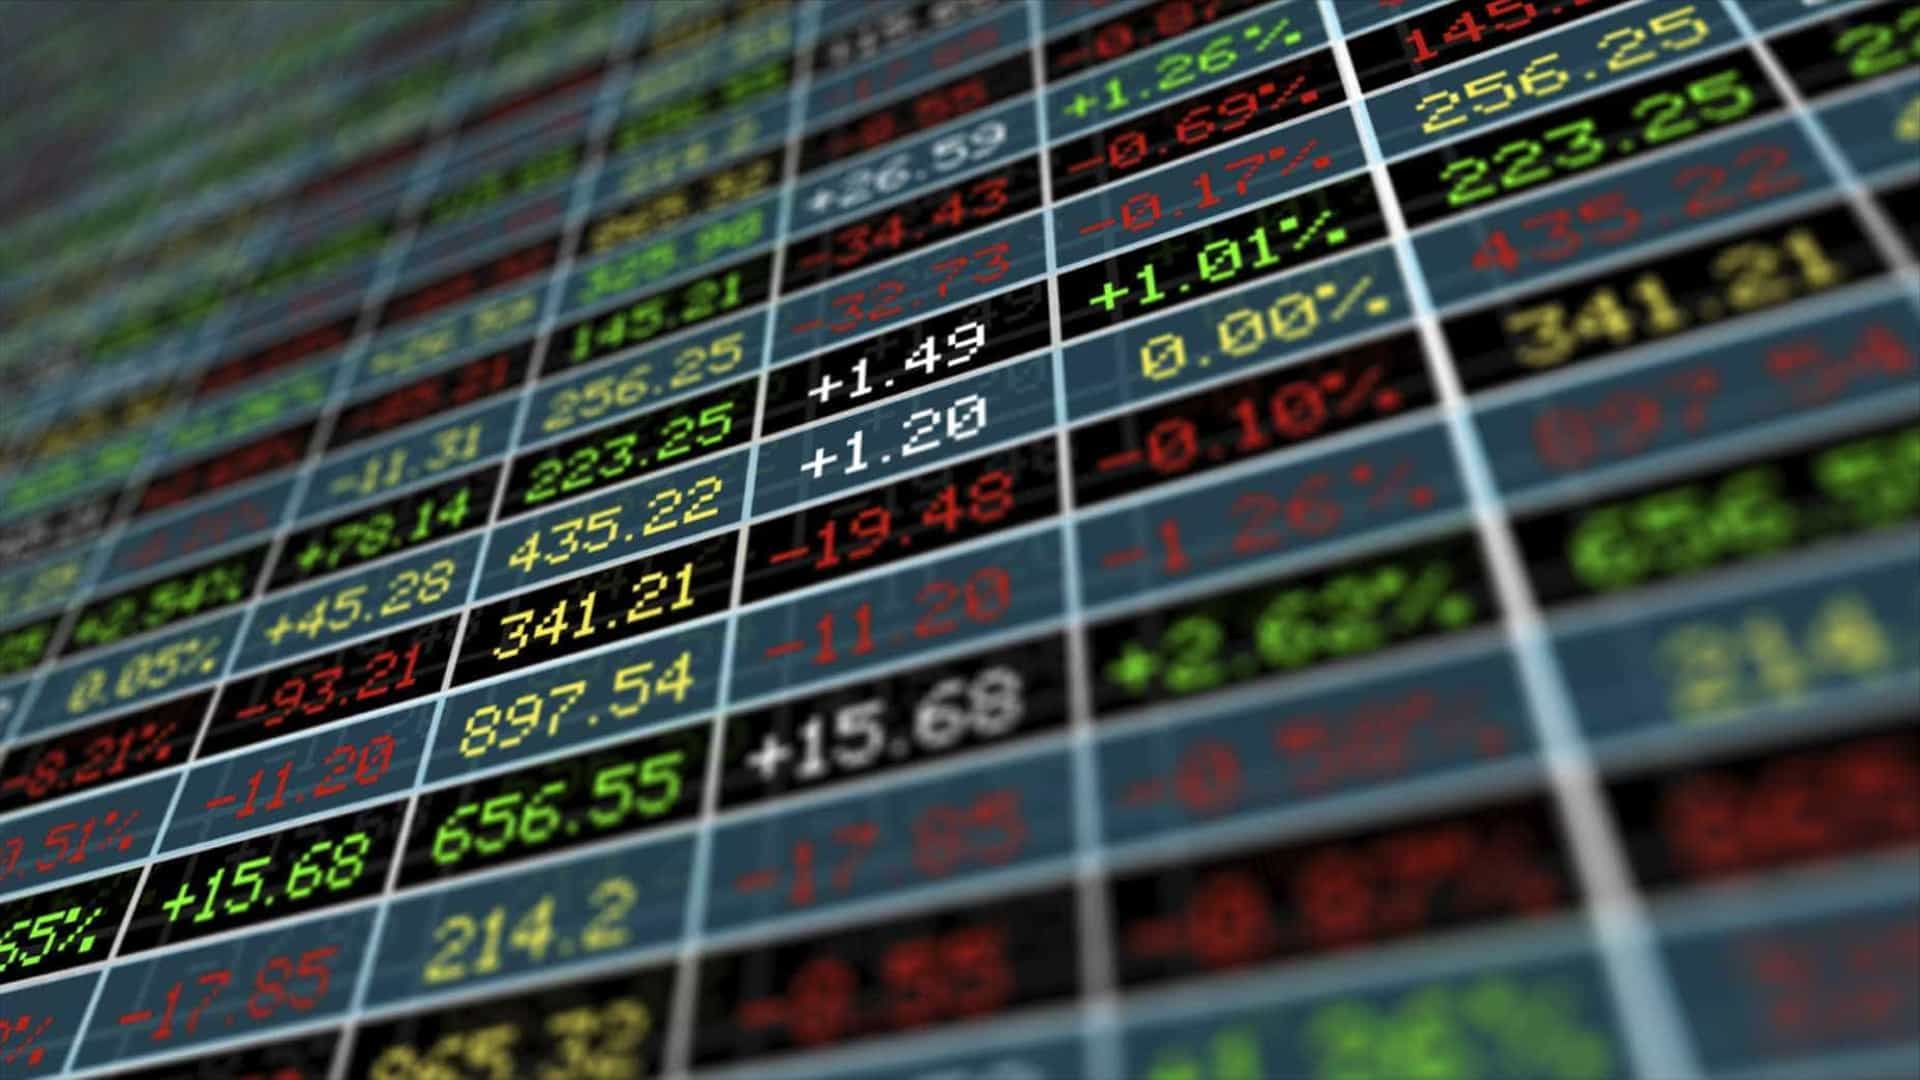 Credores dizem que cobrar juros é essencial para manter ratings